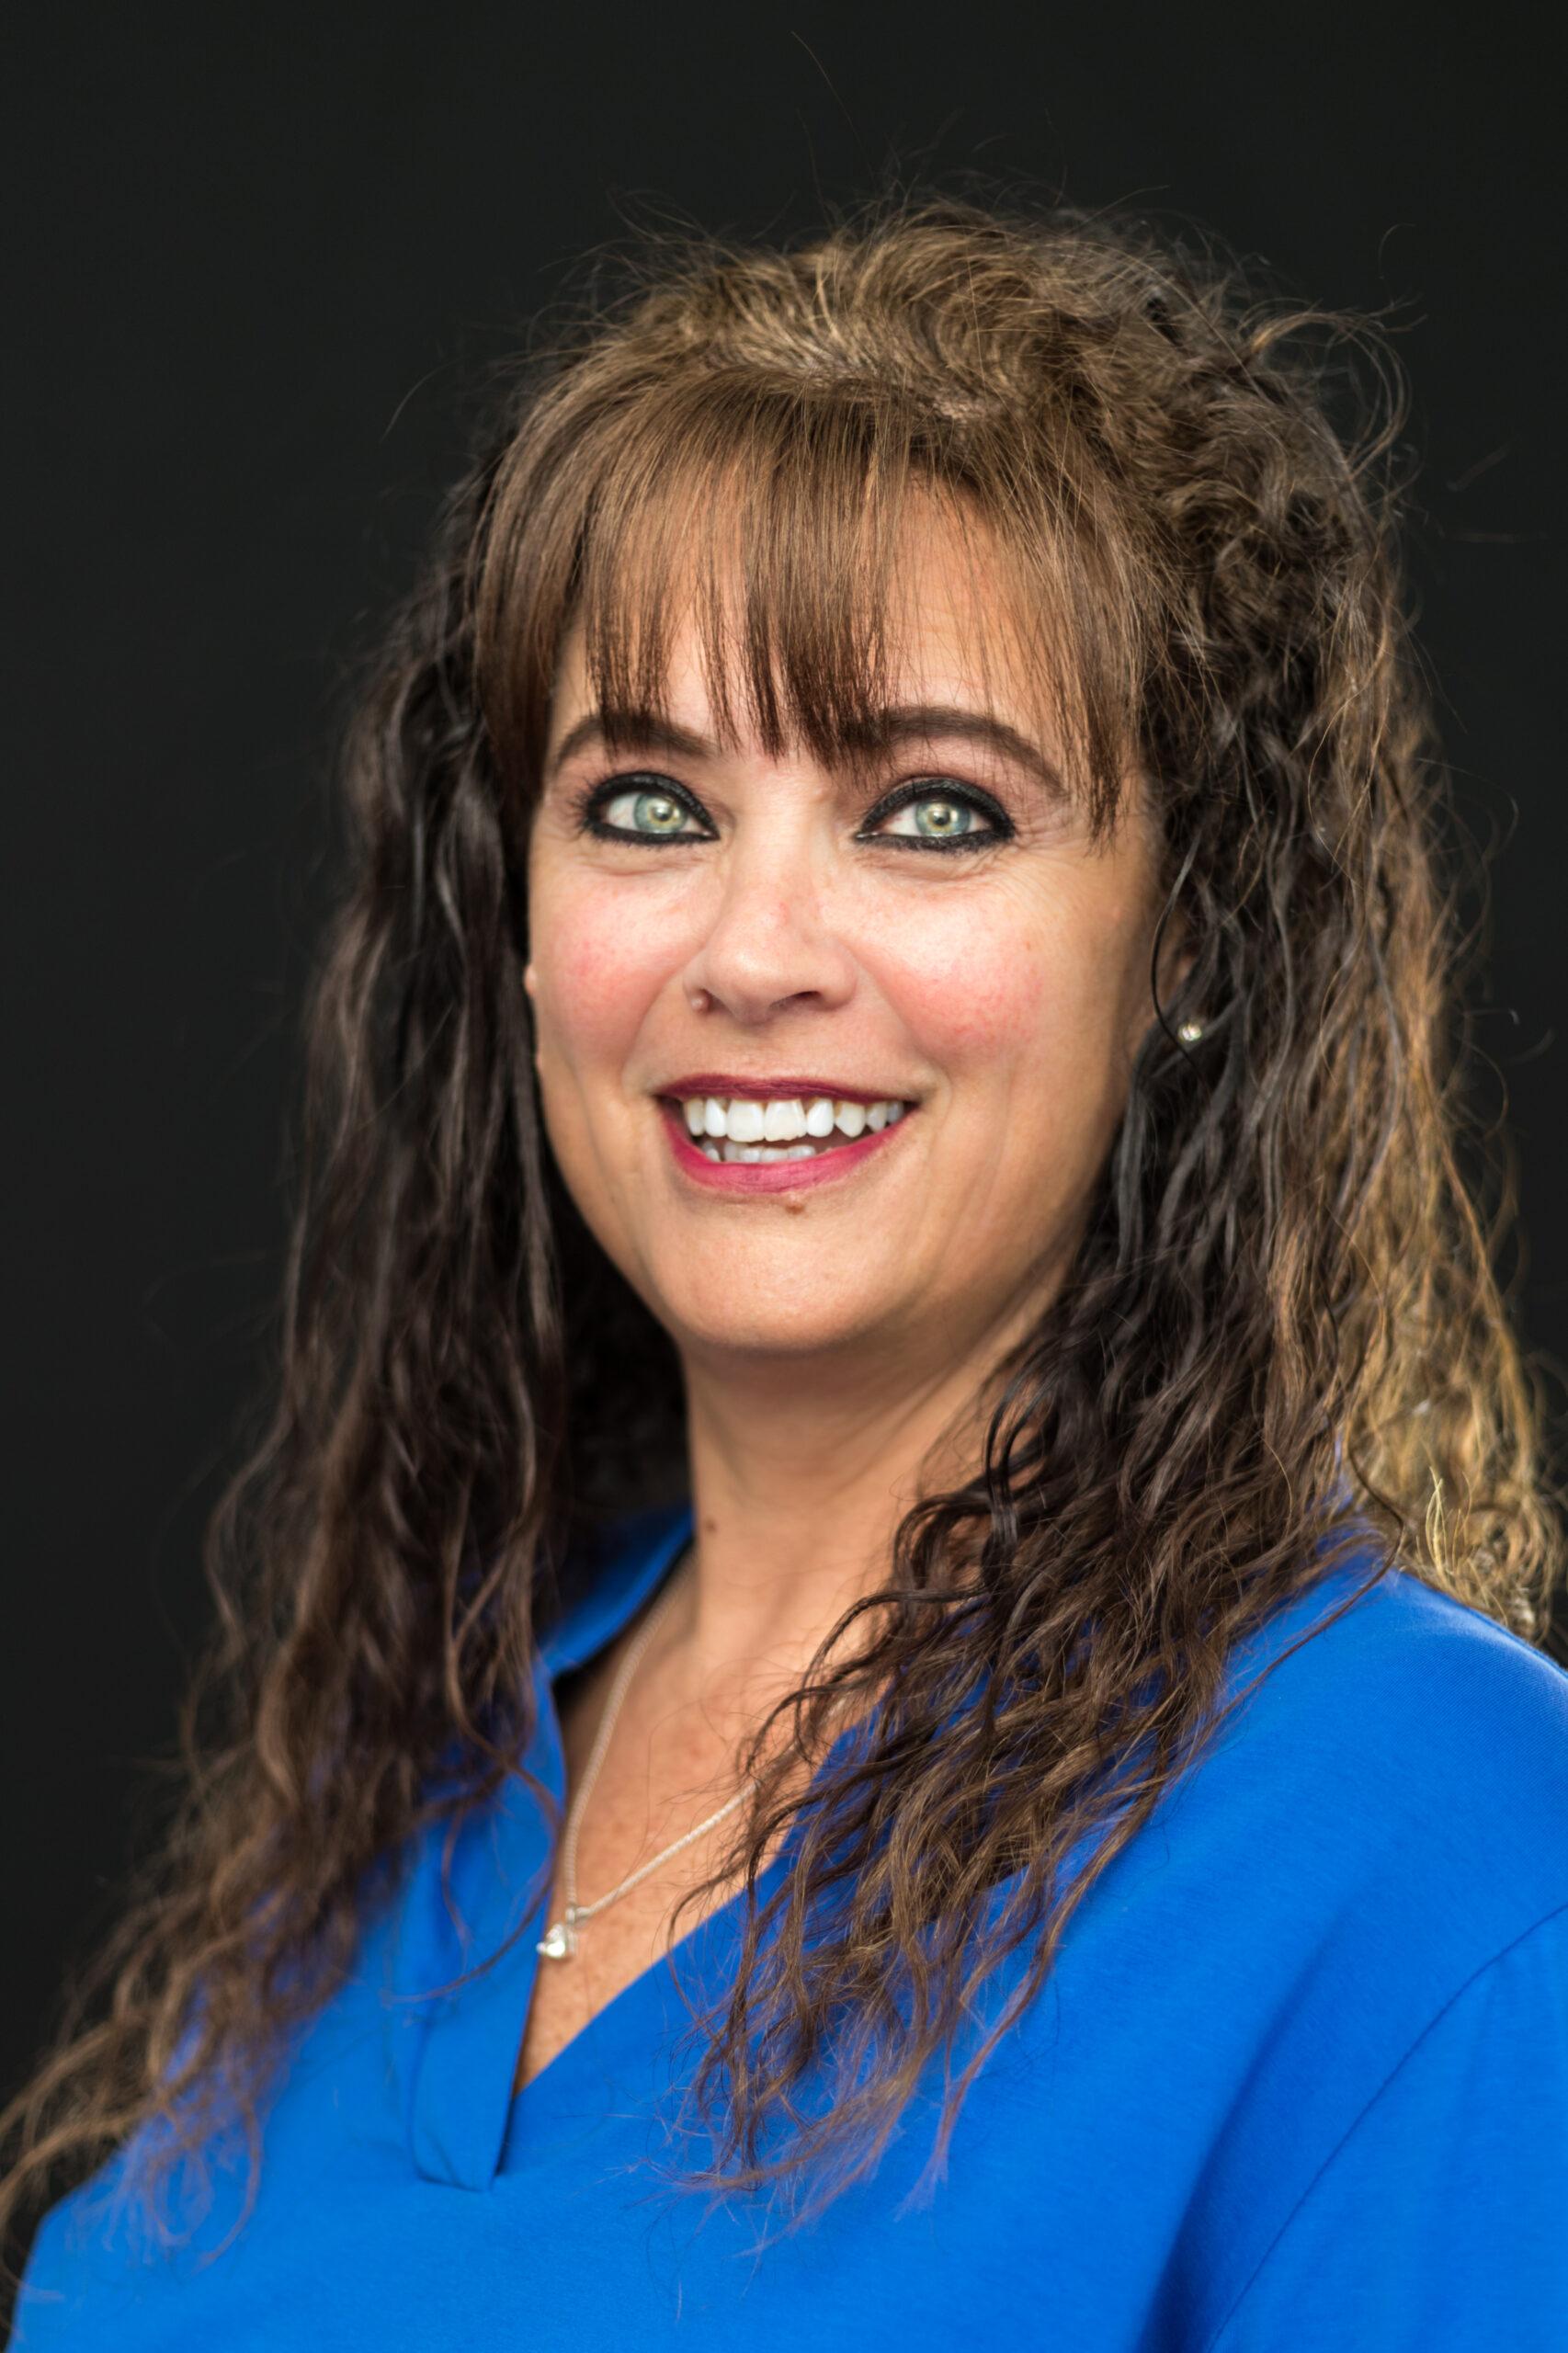 Marcee Etheridge